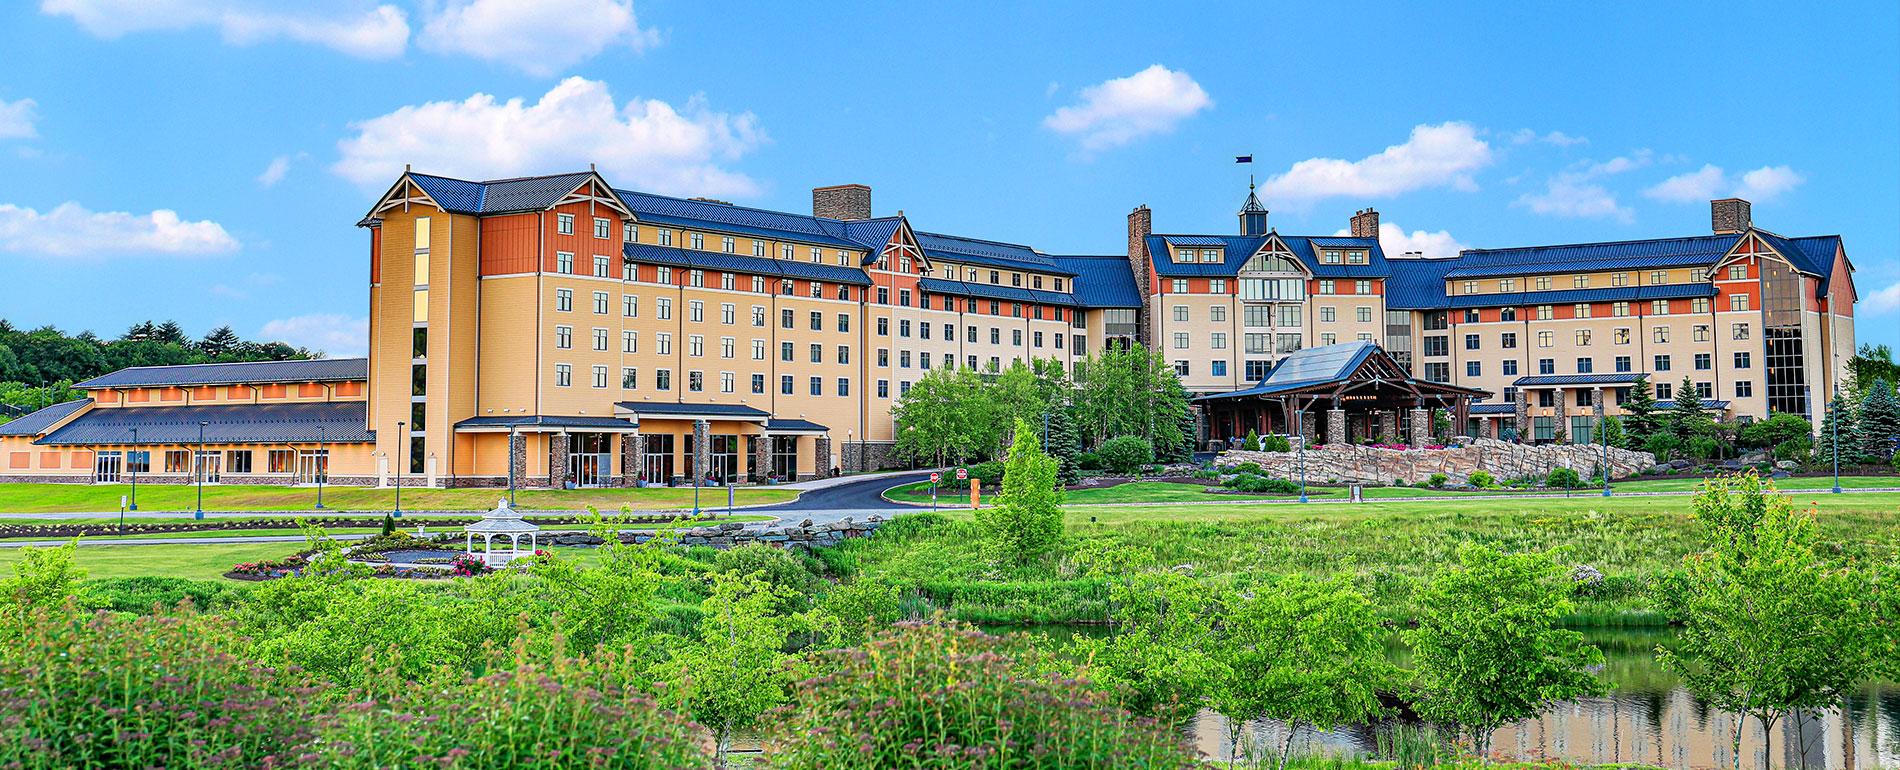 mt Poconos hotel casino spa exterior 2020